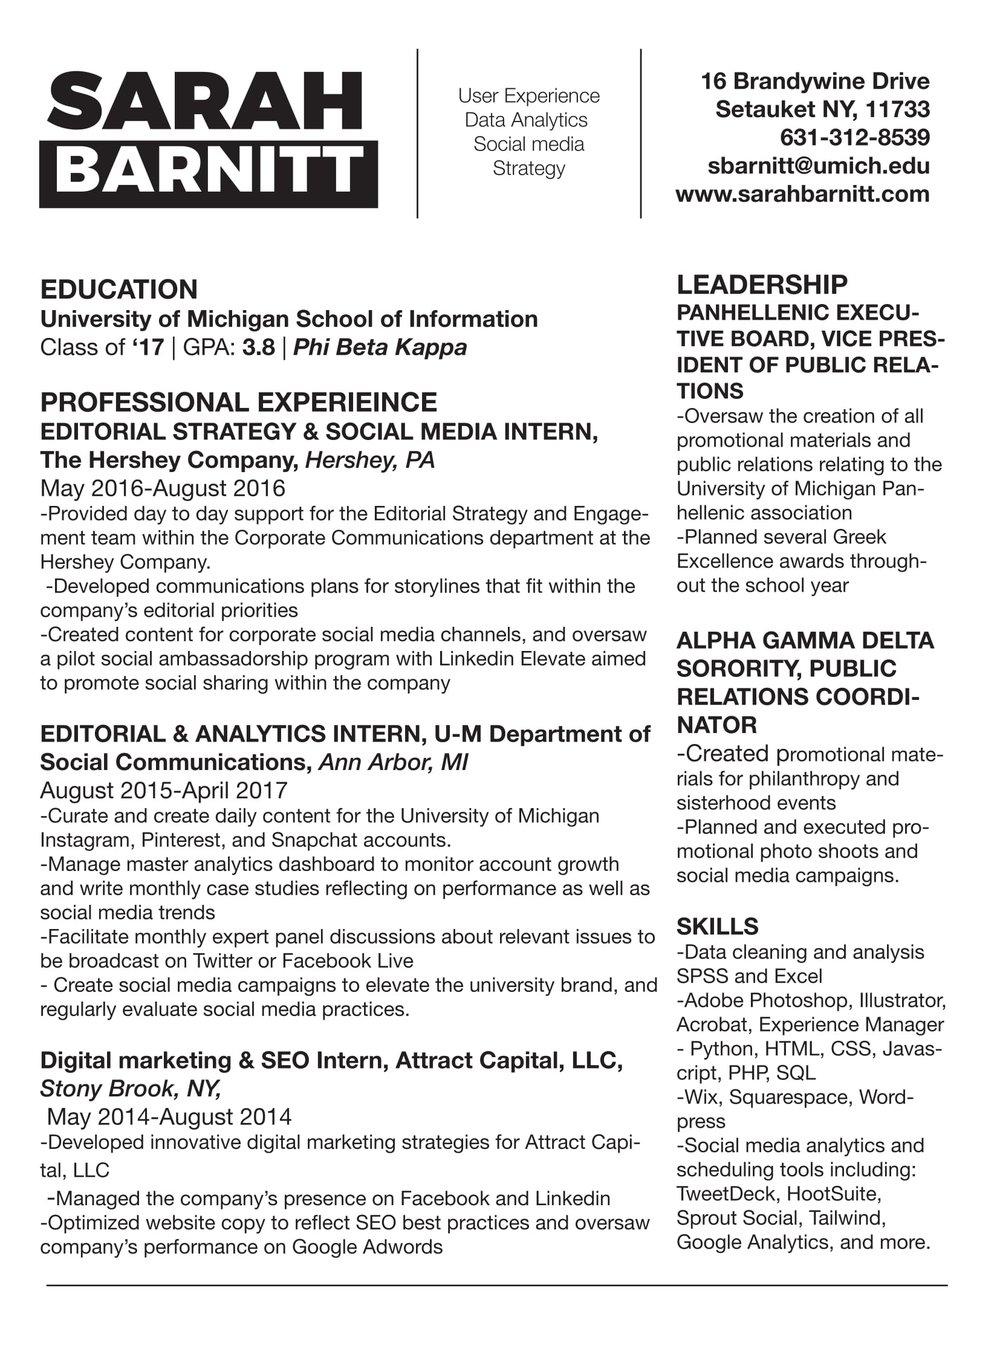 Resume — Sarah Barnitt